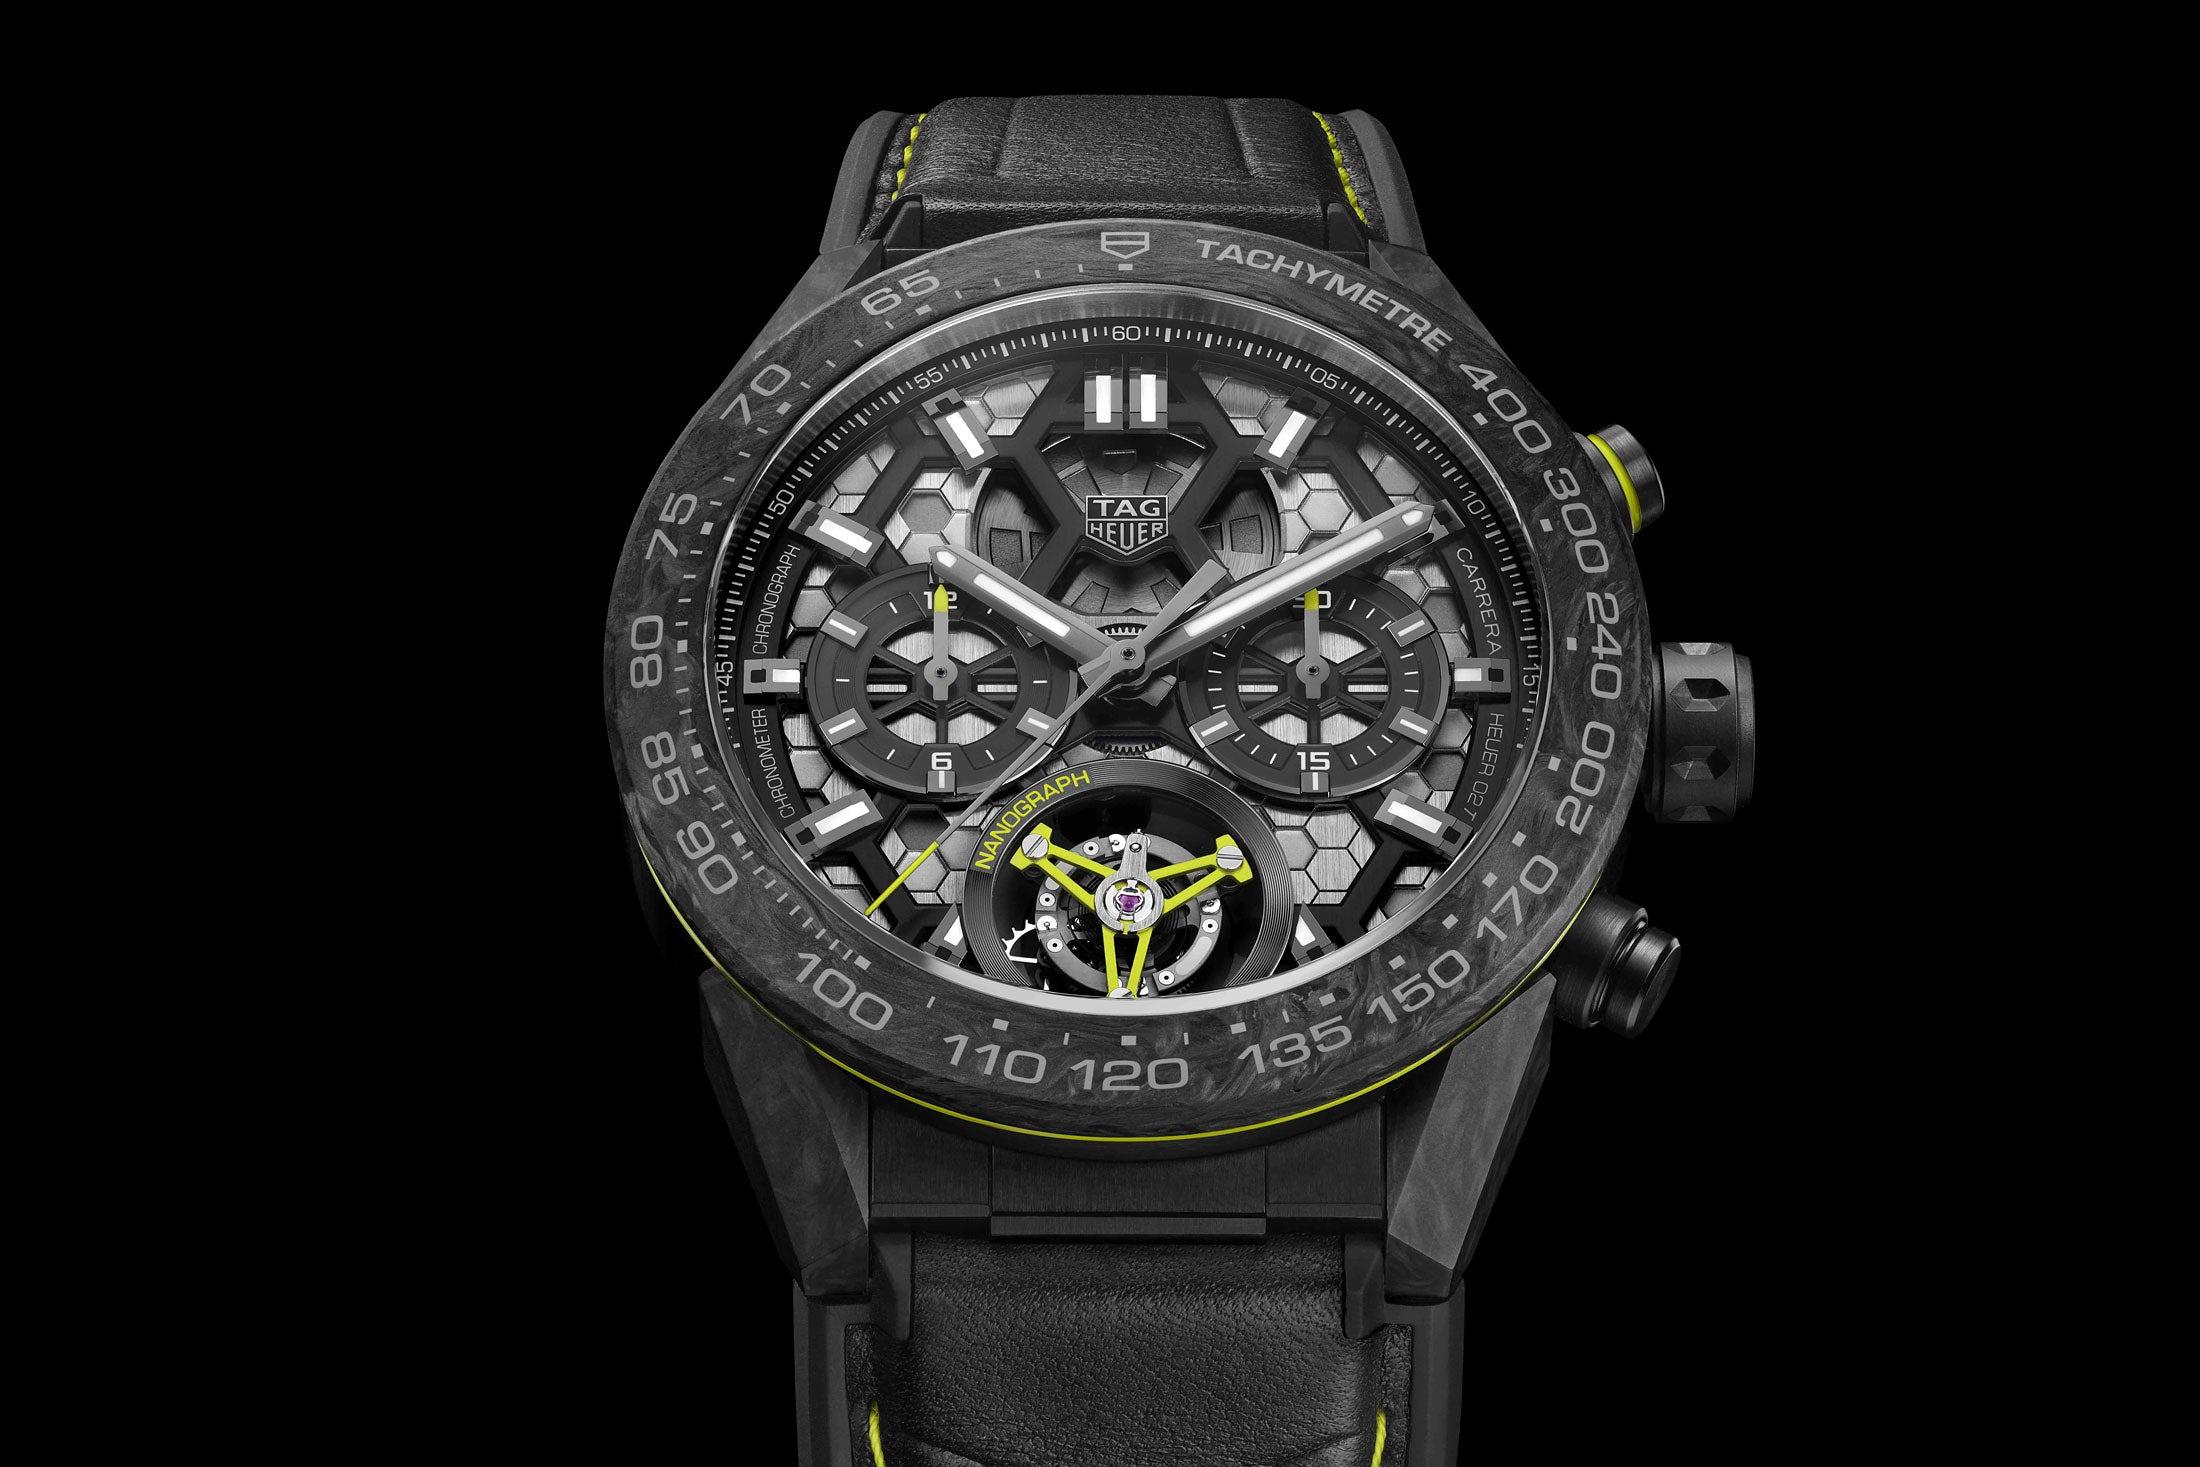 Dit zou de nieuwe TAG Heuer Max Verstappen moeten zijne Max Verstappen horloge moeten zijn